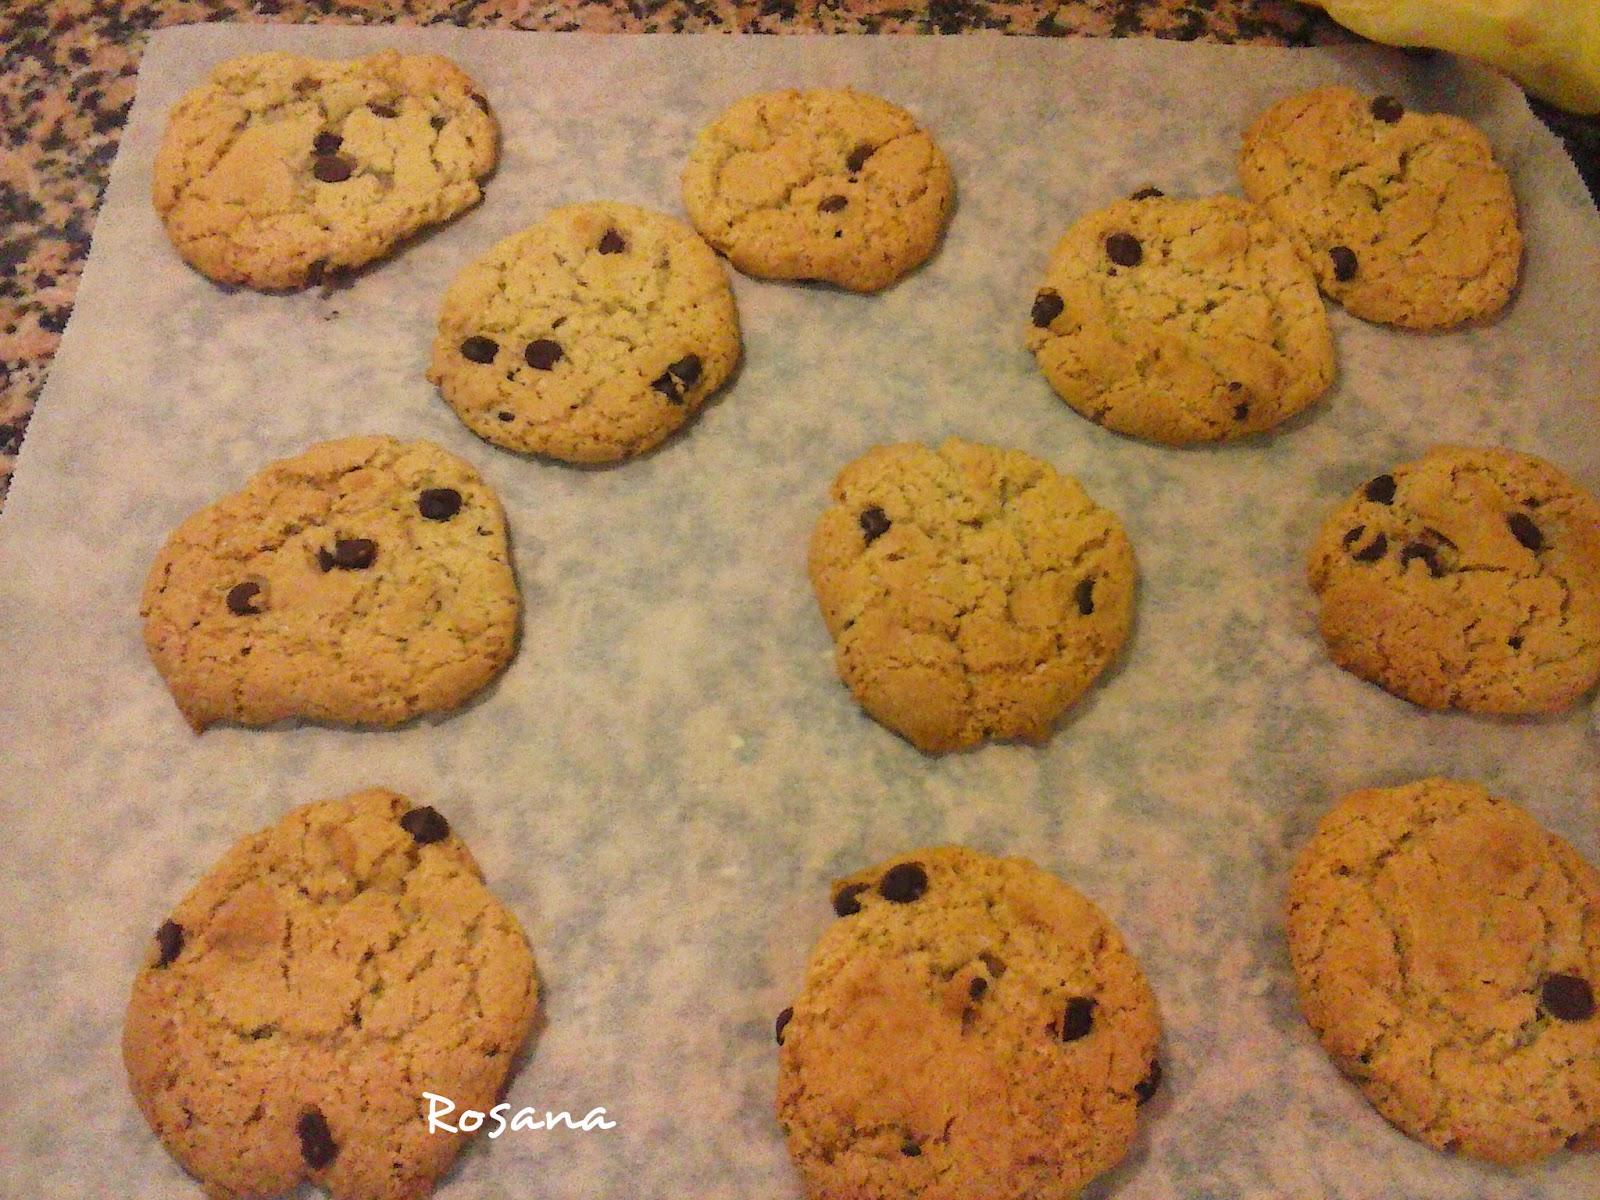 galletas salidas del horno